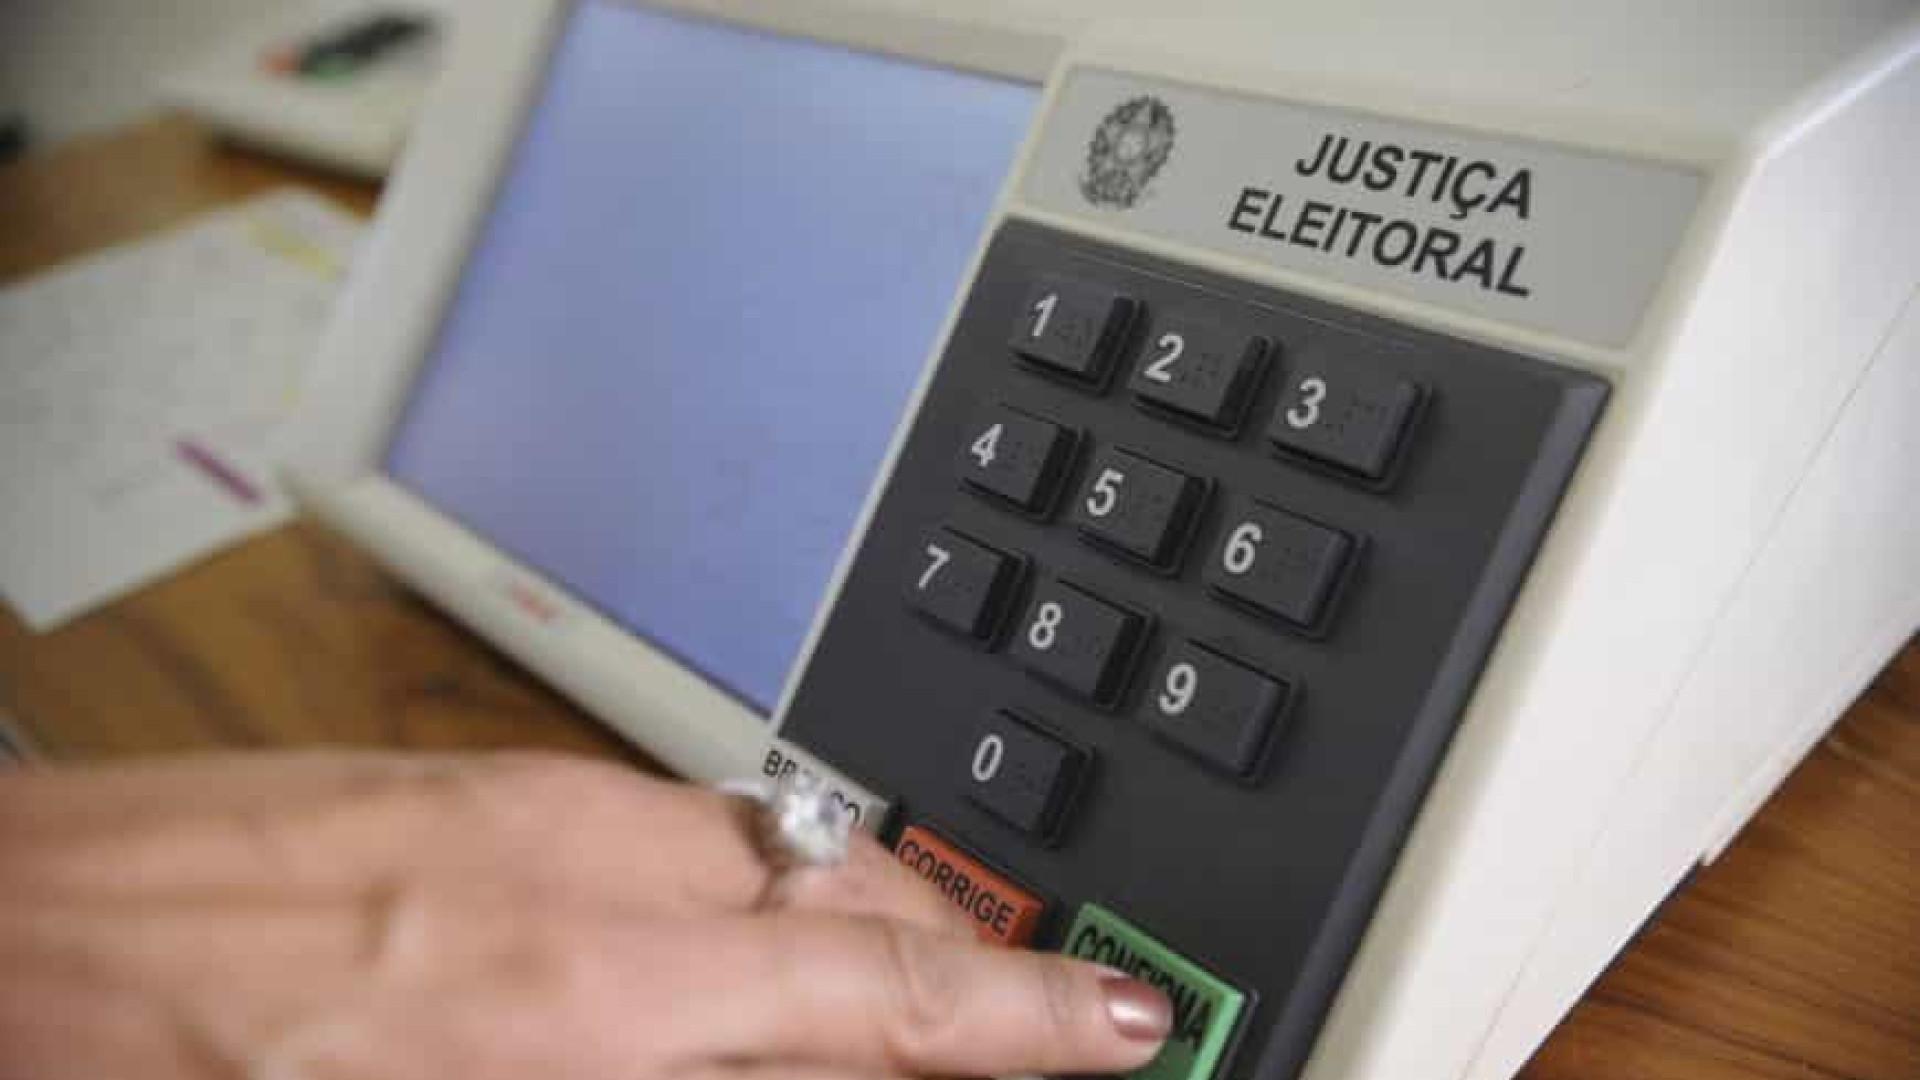 Grupos da advocacia defendem urna eletrônica e repudiam fala de Bolsonaro